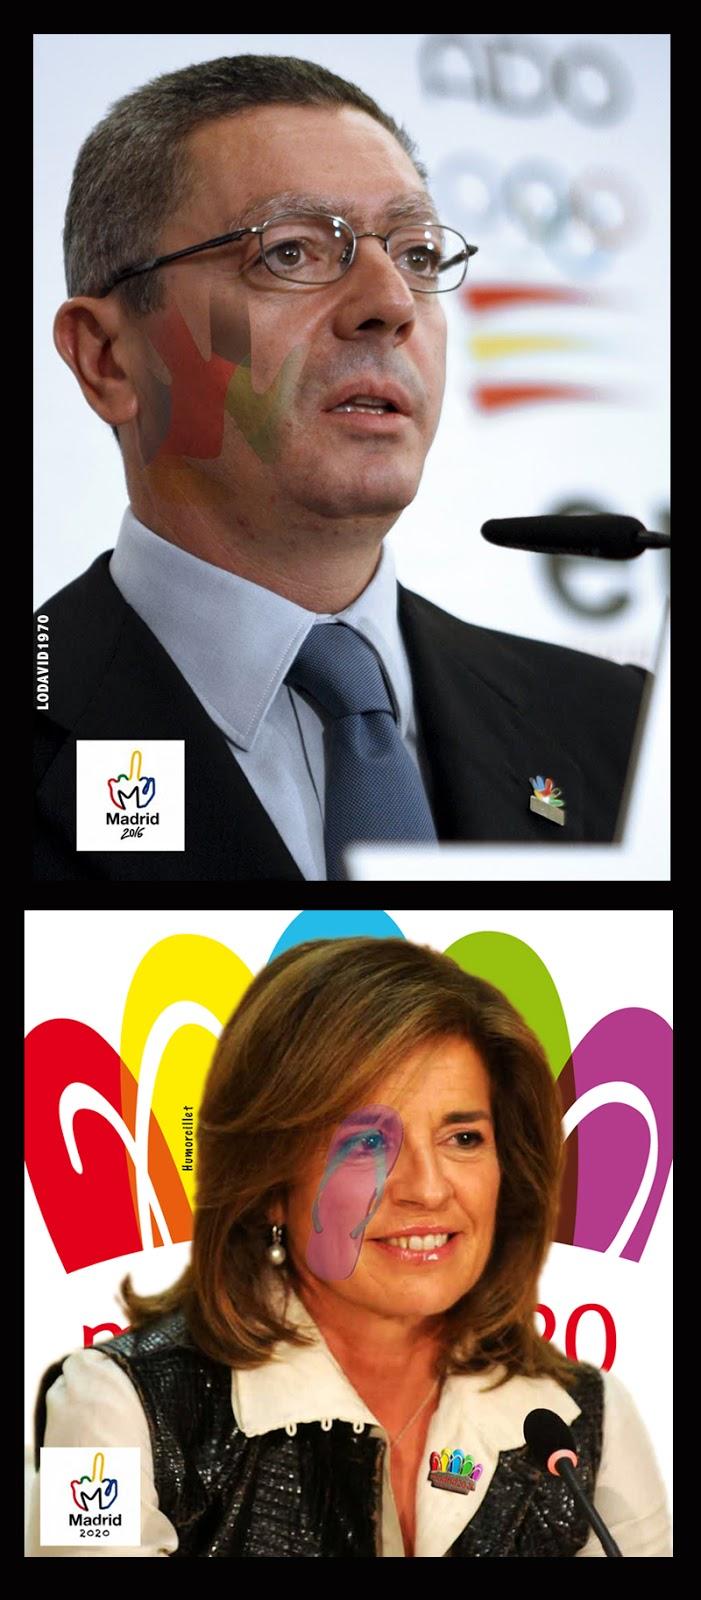 madrid-2020-2016